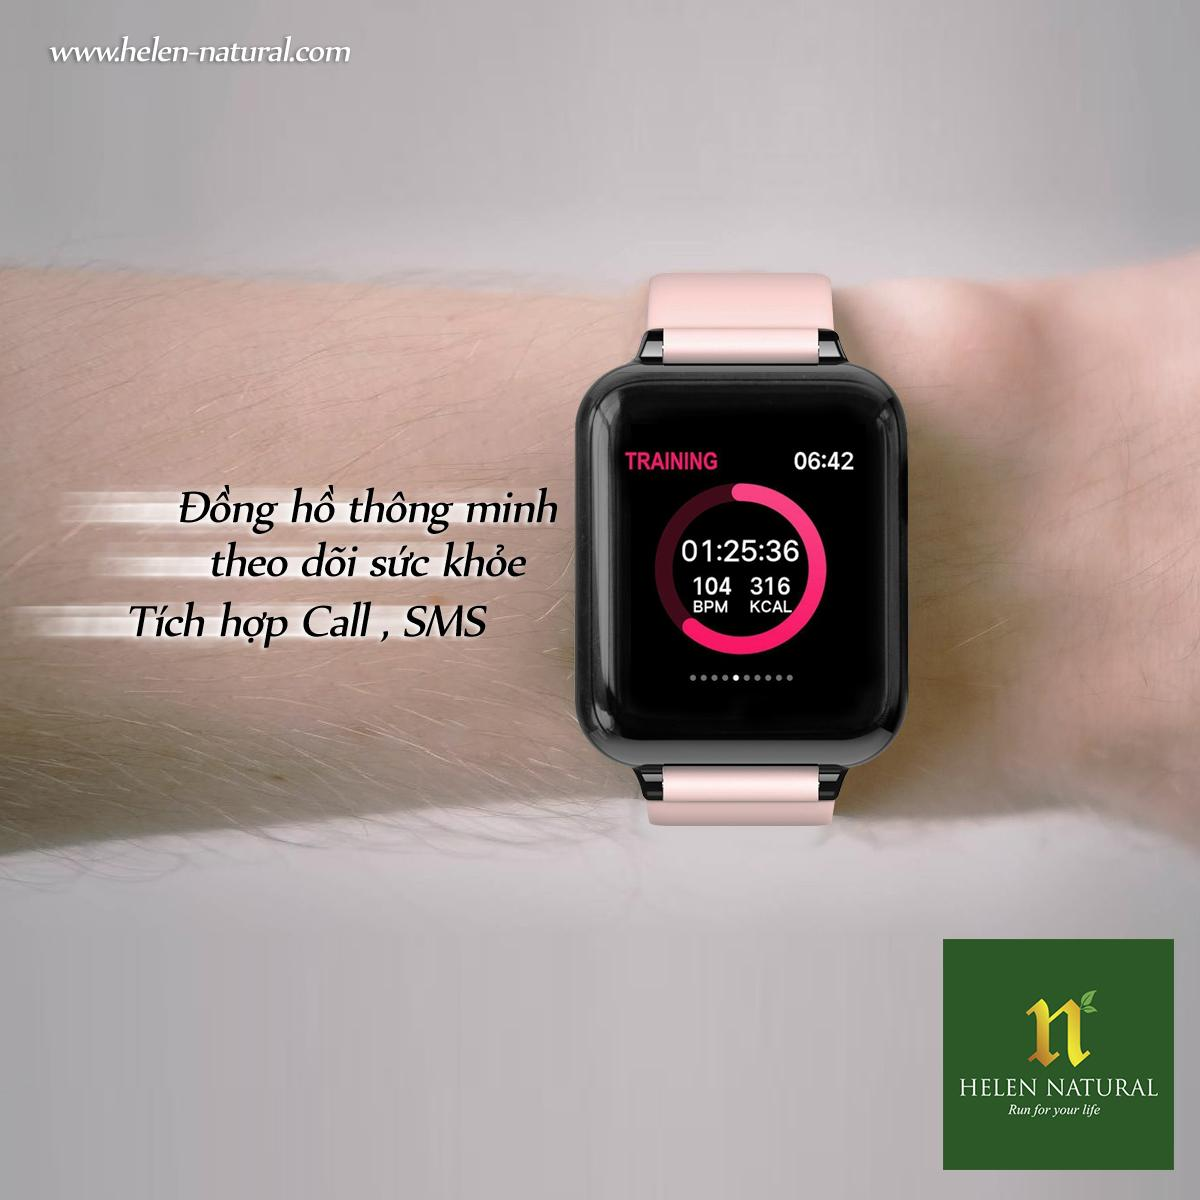 Đồng hồ thông minh theo dõi sức khỏe Helen Natural